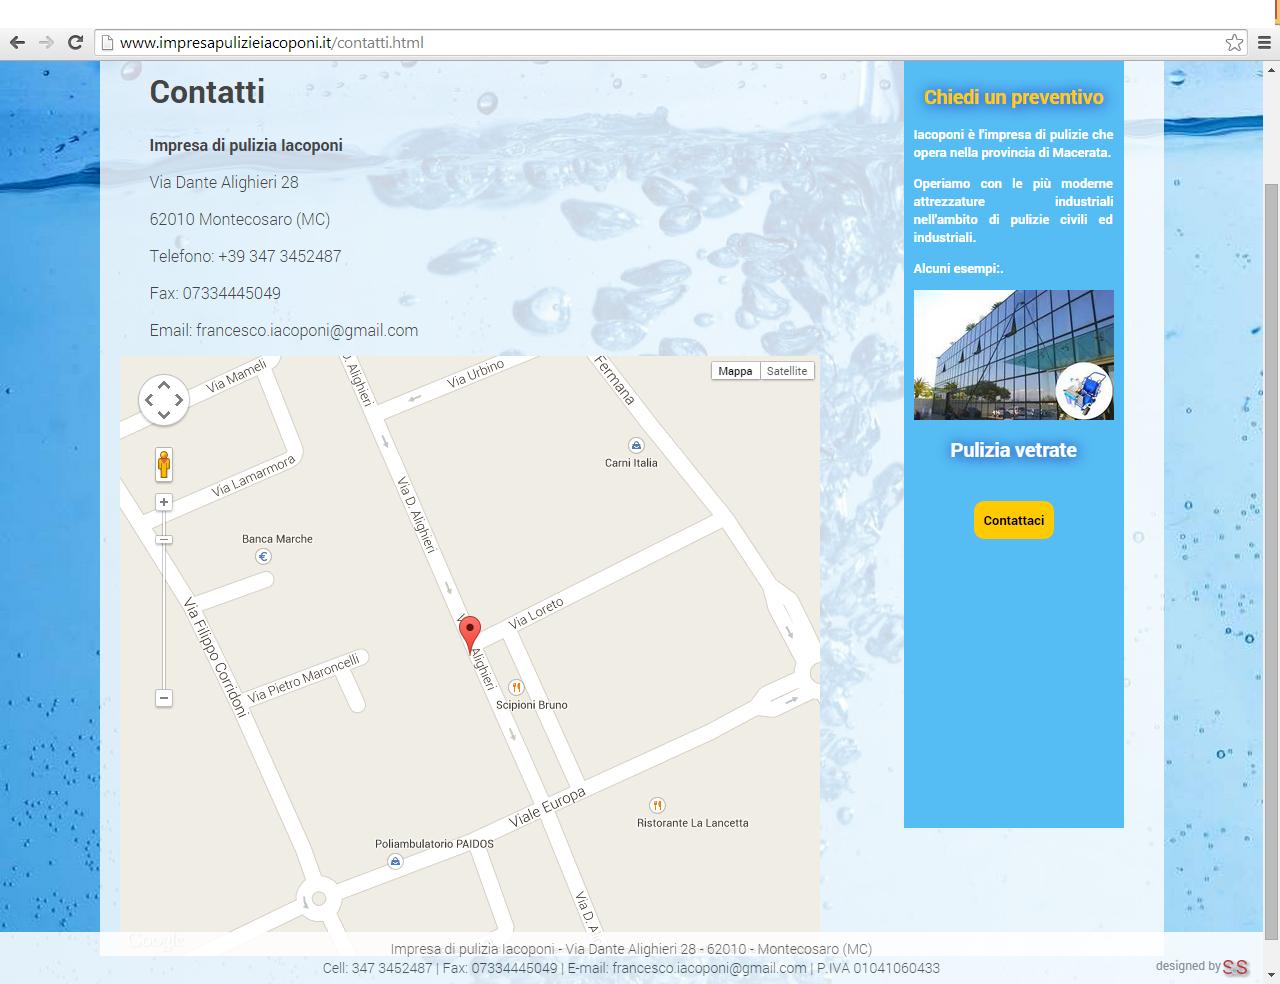 Integrazione sito web impresa pulizia con Google Maps